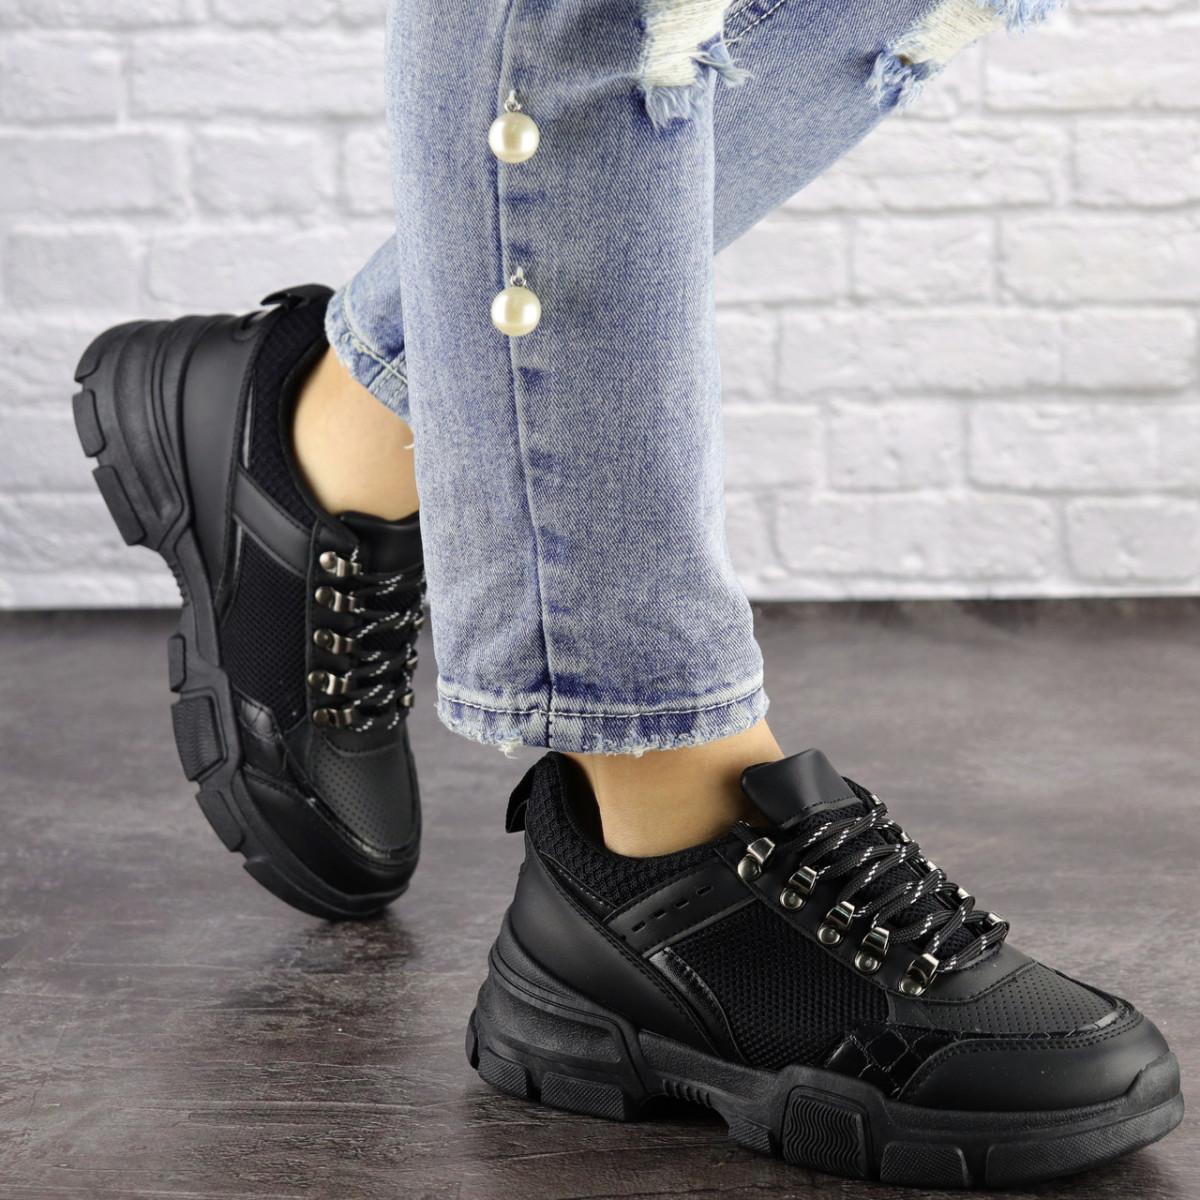 Женские кроссовки Fashion Nikky 1462 37 размер 24 см Черный